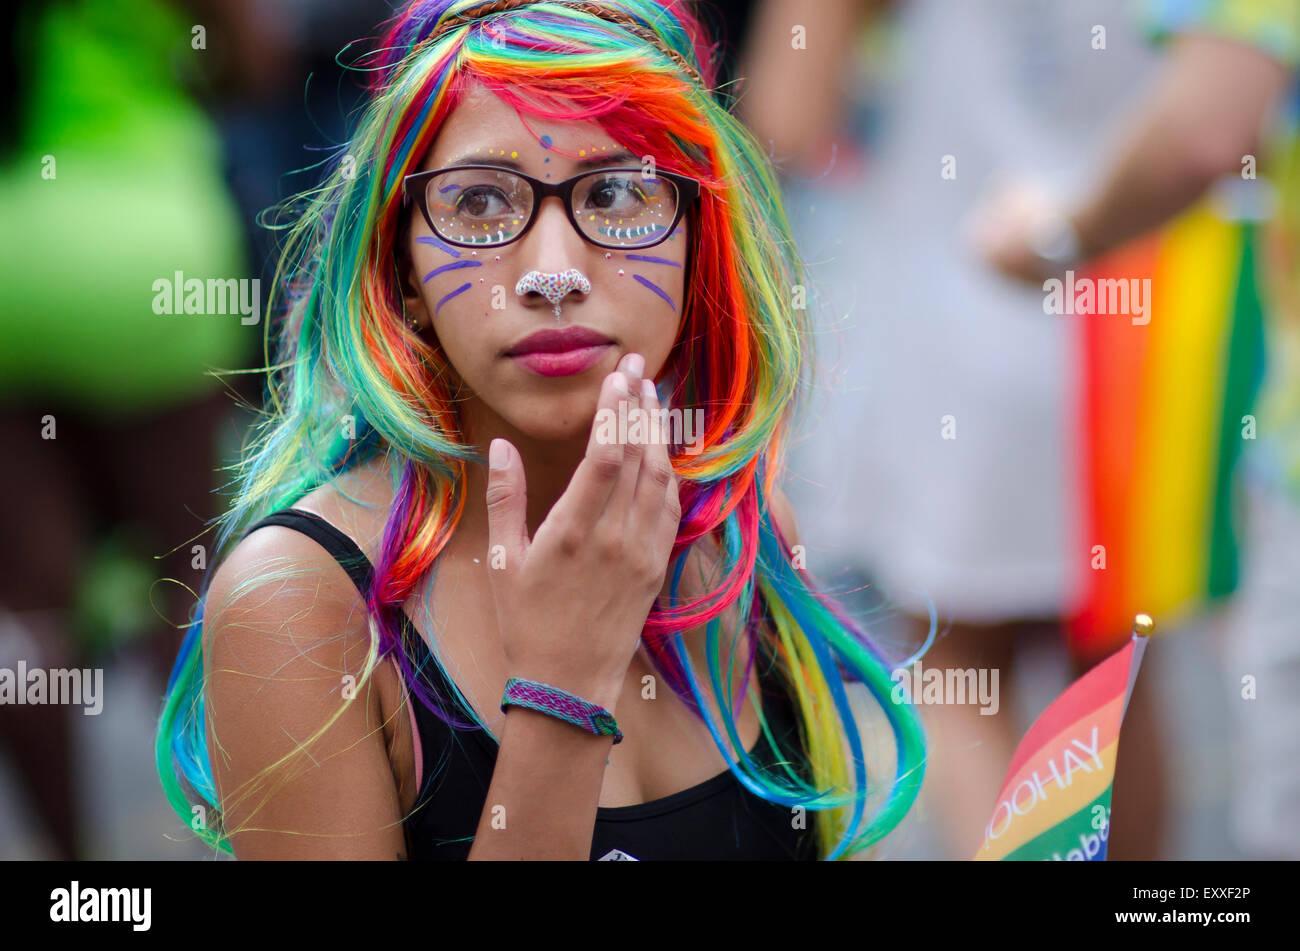 La città di NEW YORK, Stati Uniti d'America - 28 giugno 2015: giovane donna vestita in colorate parrucca Immagini Stock